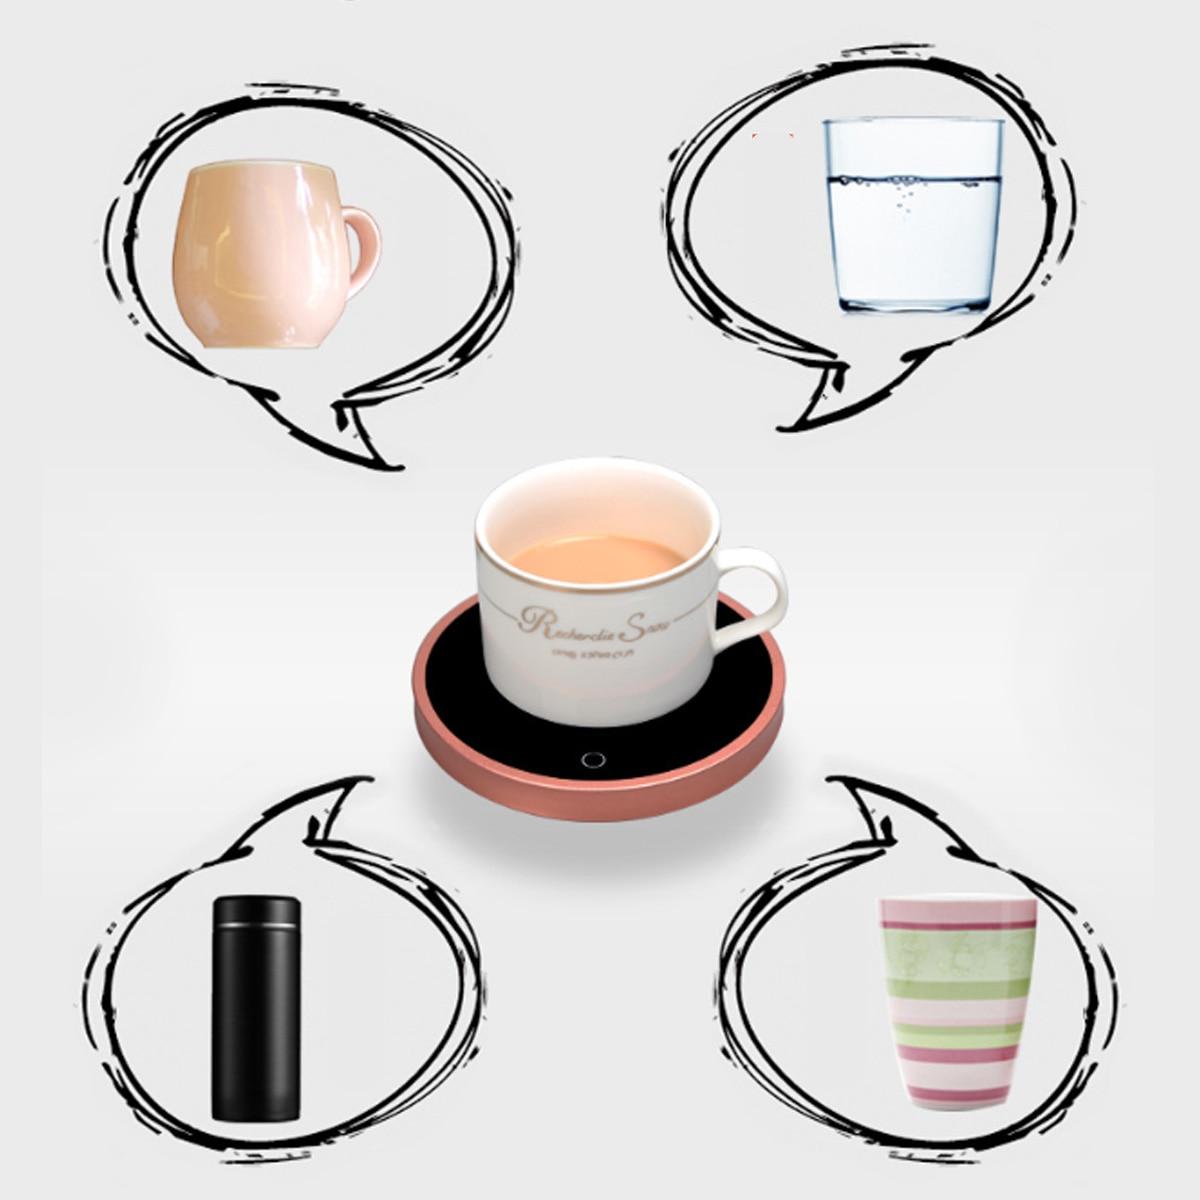 110/220 В электрическая чашка с питанием грелка грелки 220 В Горячая тарелка кофе чай молоко кружка США вилка белый бытовой офис